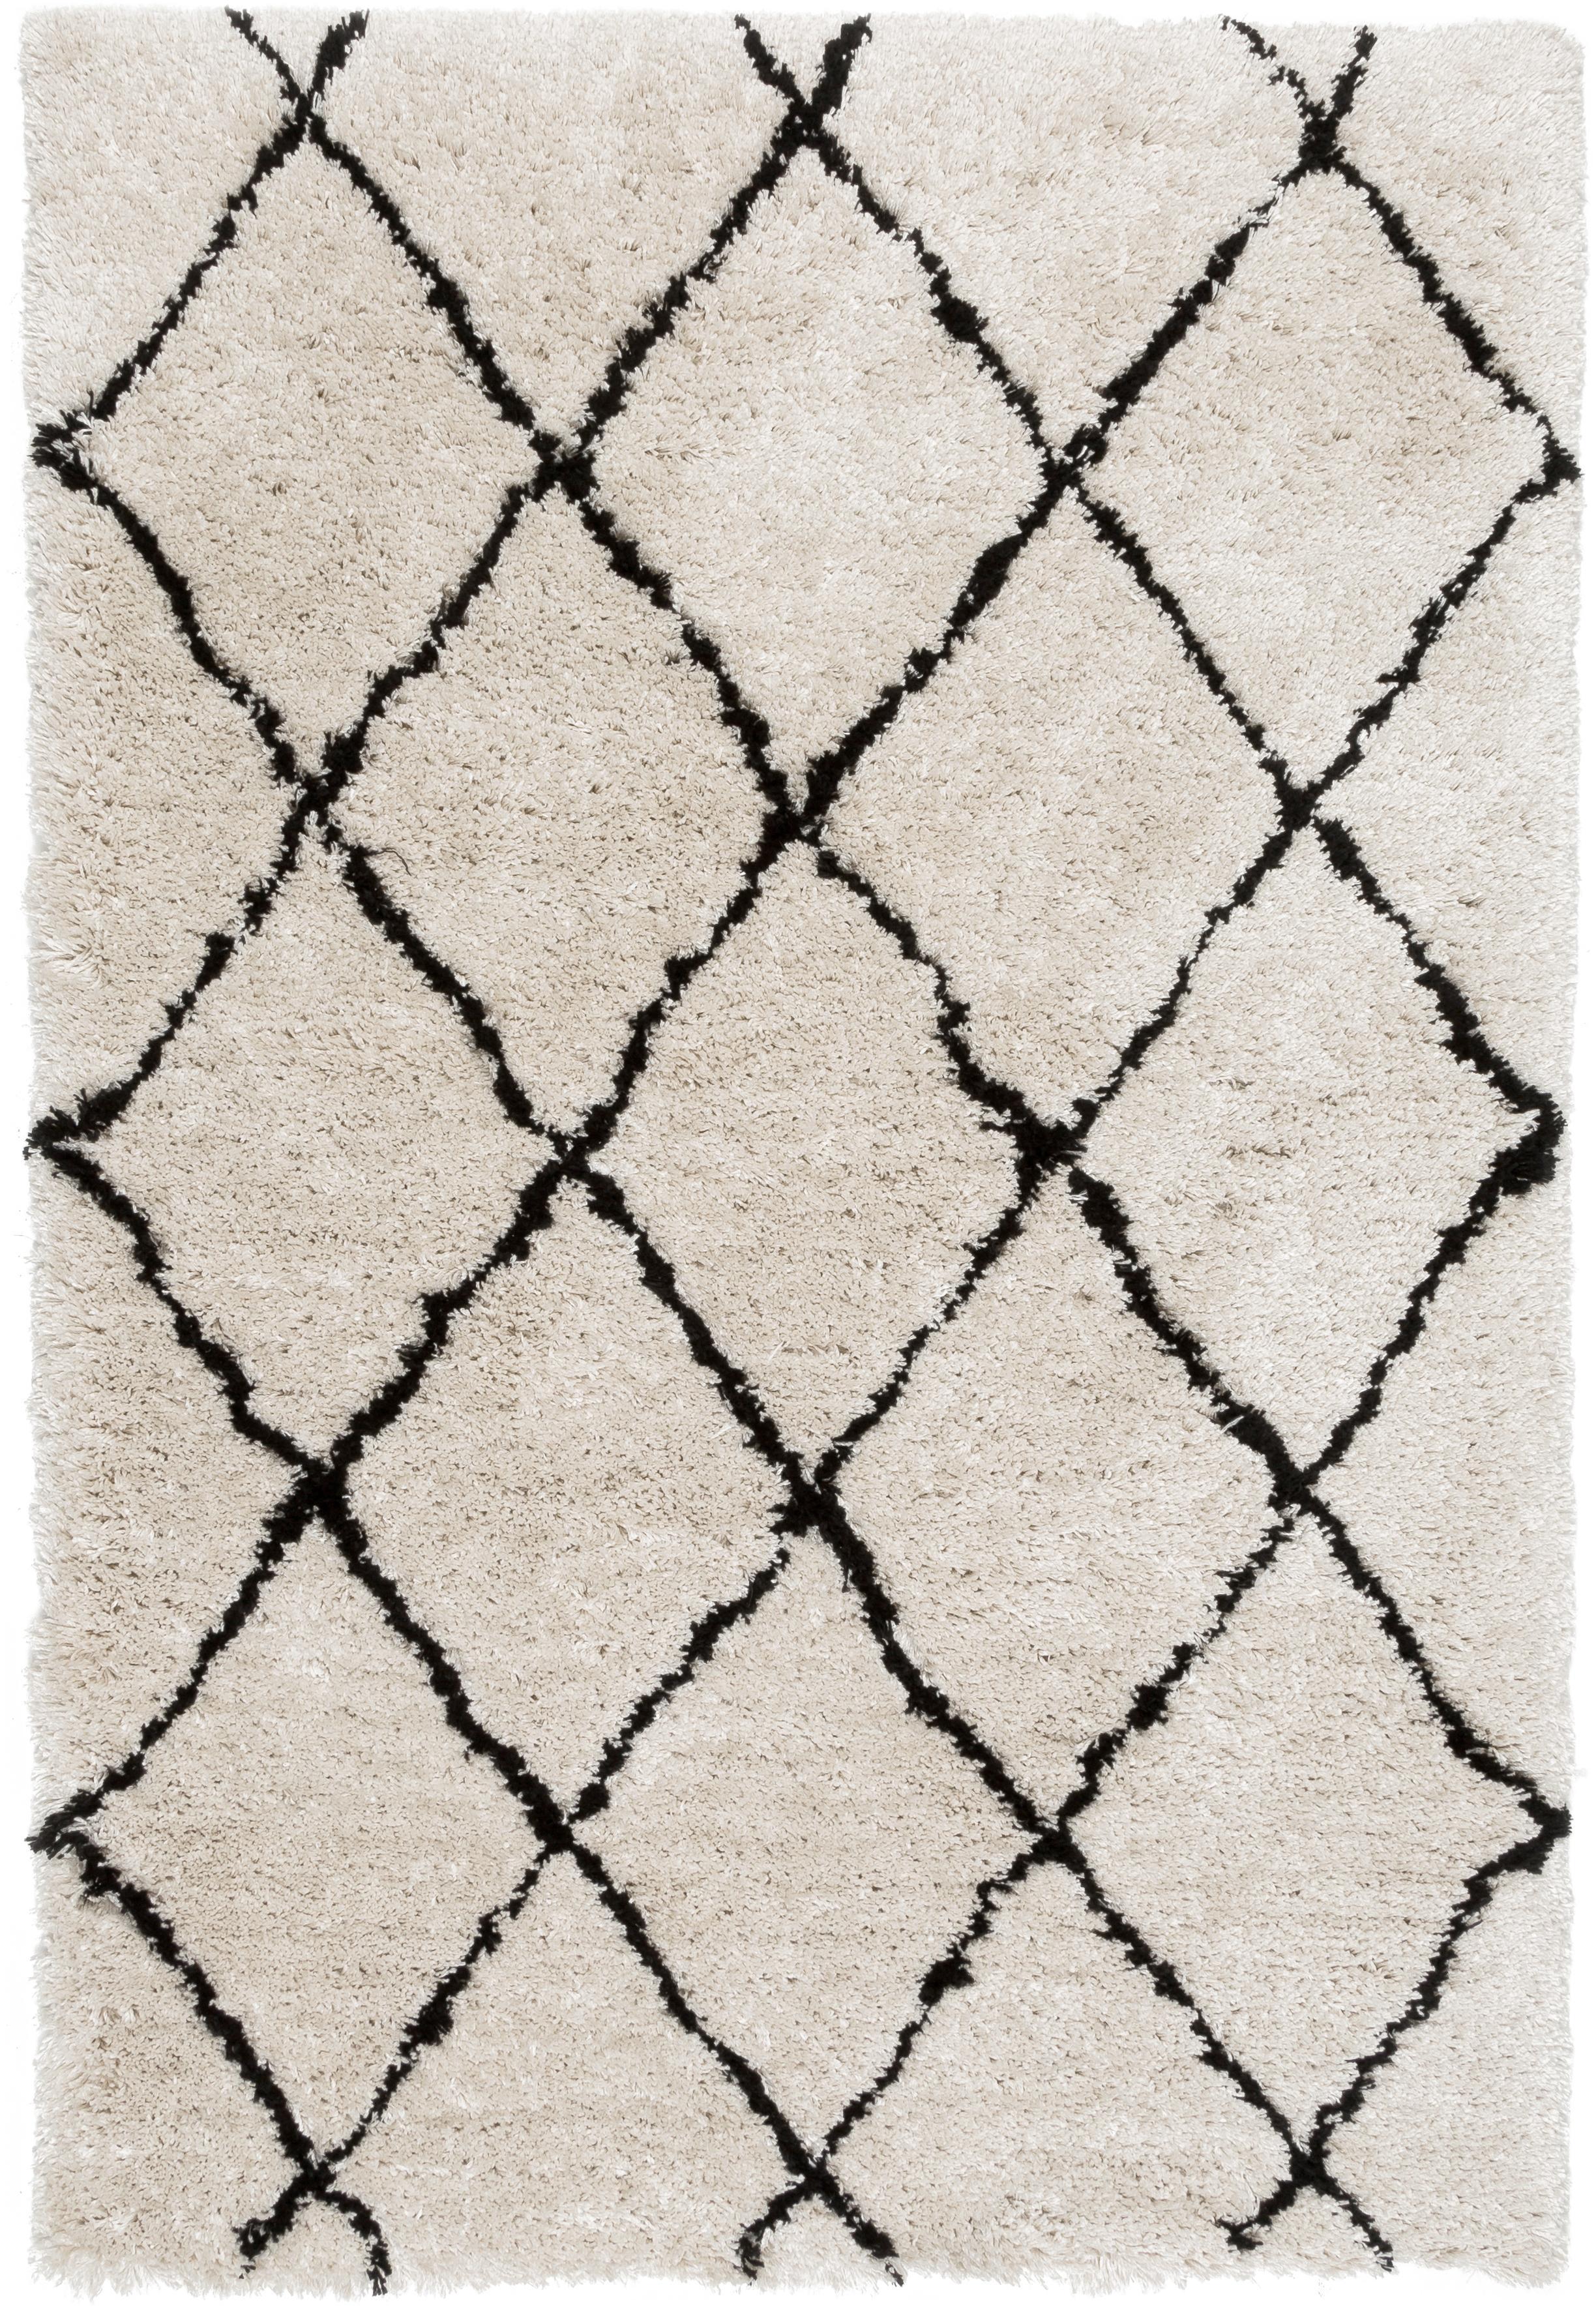 Flauschiger Hochflor-Teppich Naima, handgetuftet, Flor: 100% Polyester, Beige, Schwarz, B 120 x L 180 cm (Grösse S)